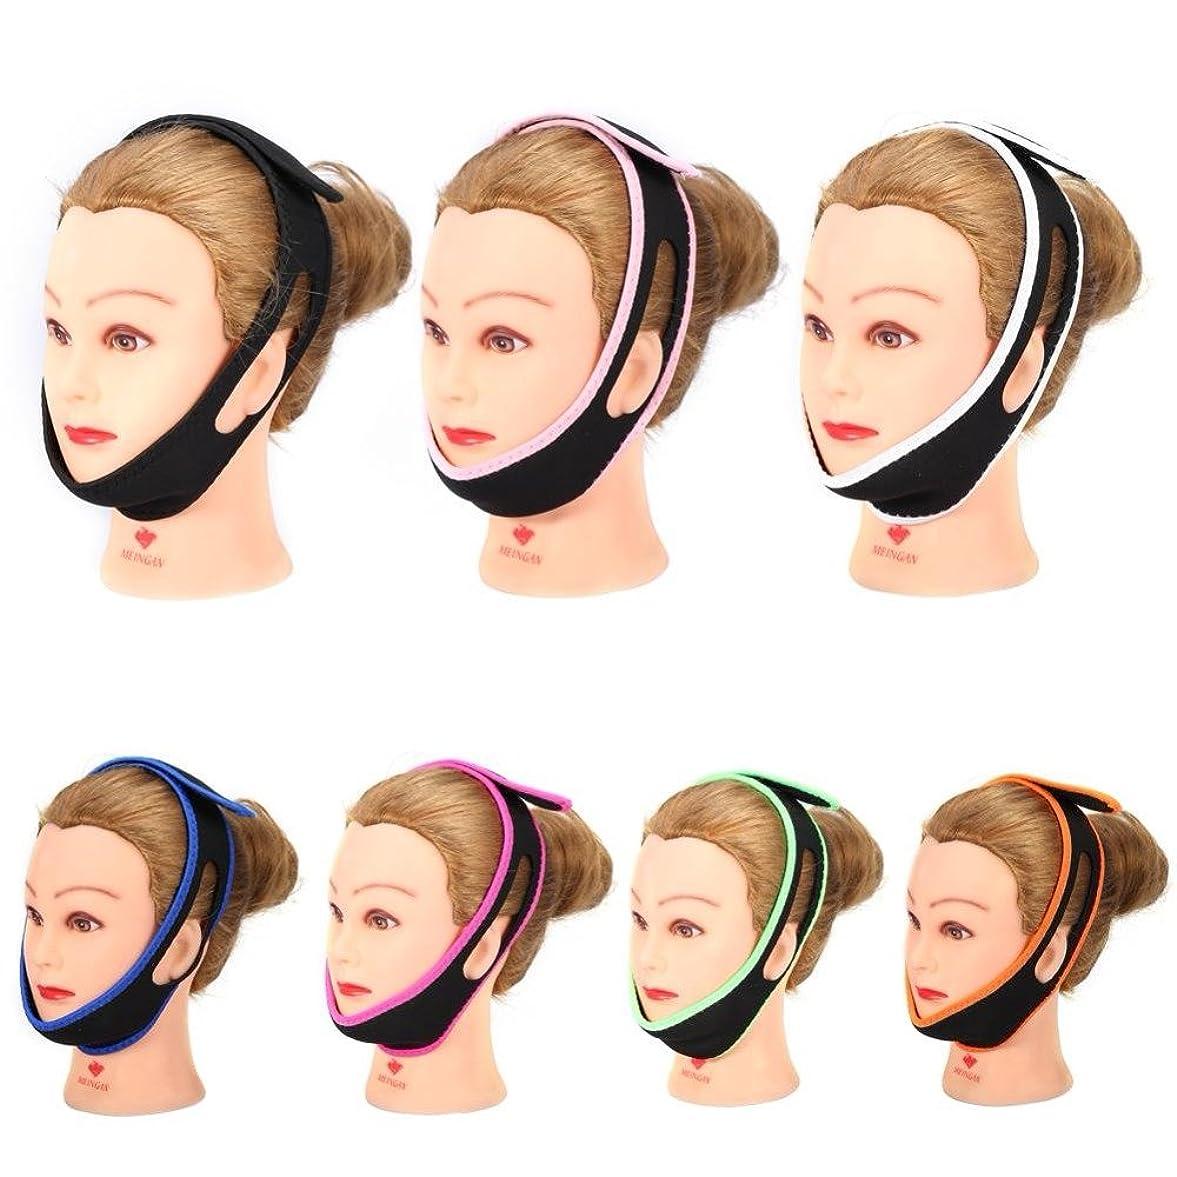 ダイジェスト変な禁止するあごストラップベルト繊細なフェイスリフト7色あごサポートストラップスリムマッサージャー睡眠防止いびきヘッドバンドサポート,White